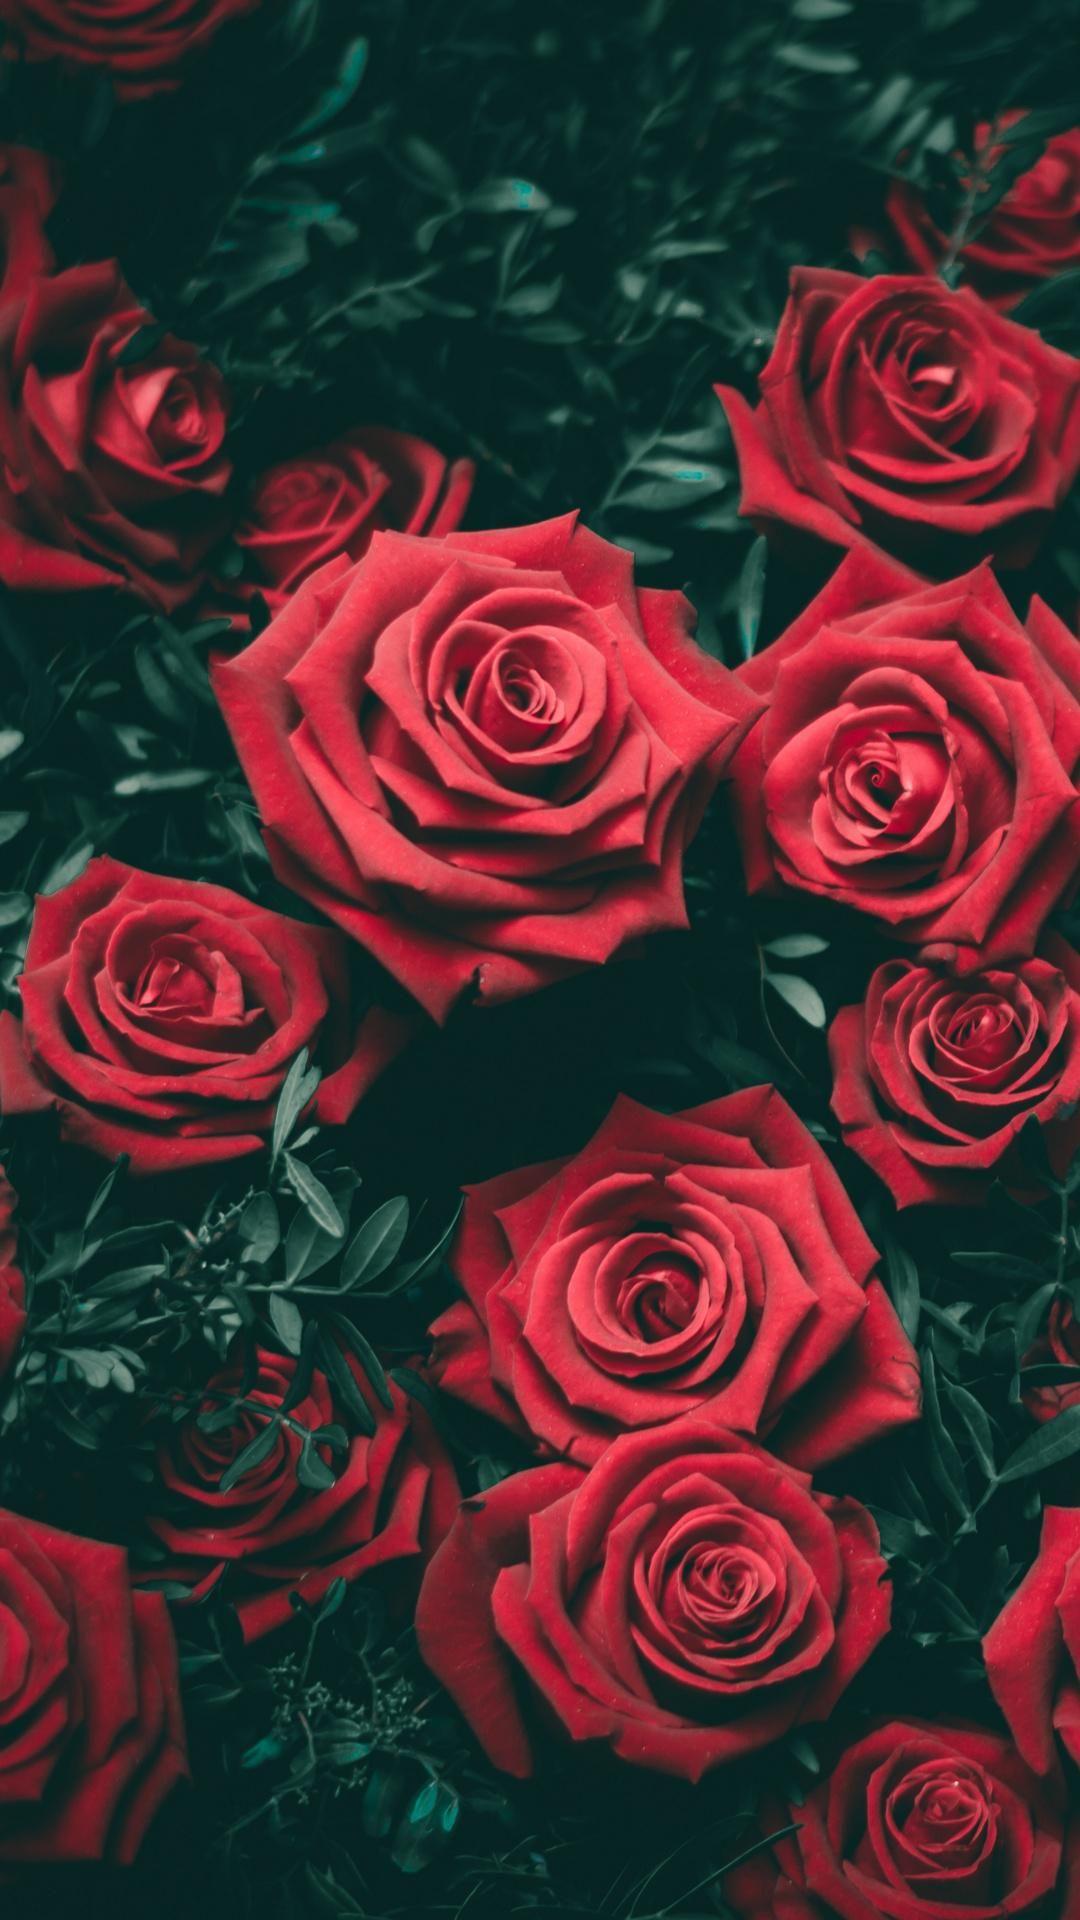 Red Roses Grntler ile iek Gller Bitki 1080x1920